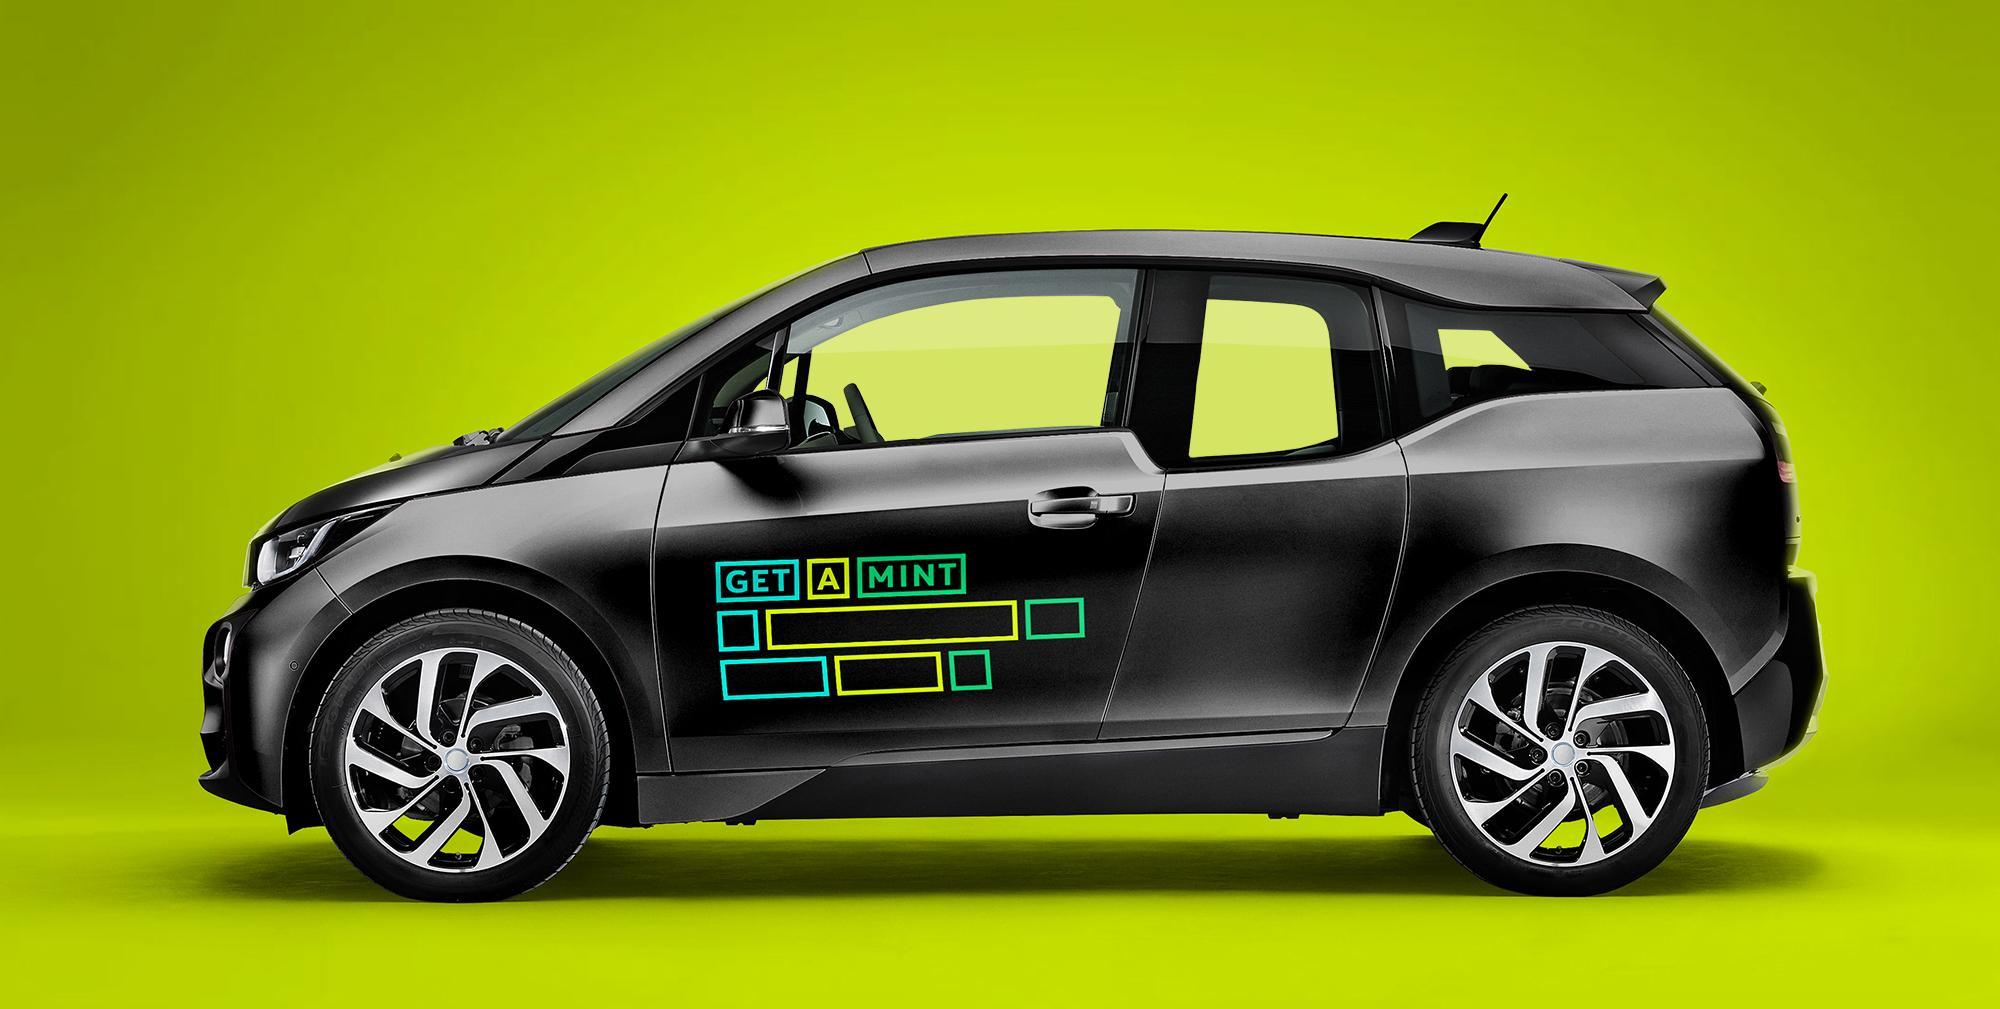 get-a-MINT-Corporate-Design-Fahrzeugbeschriftung-Car-Branding.jpg